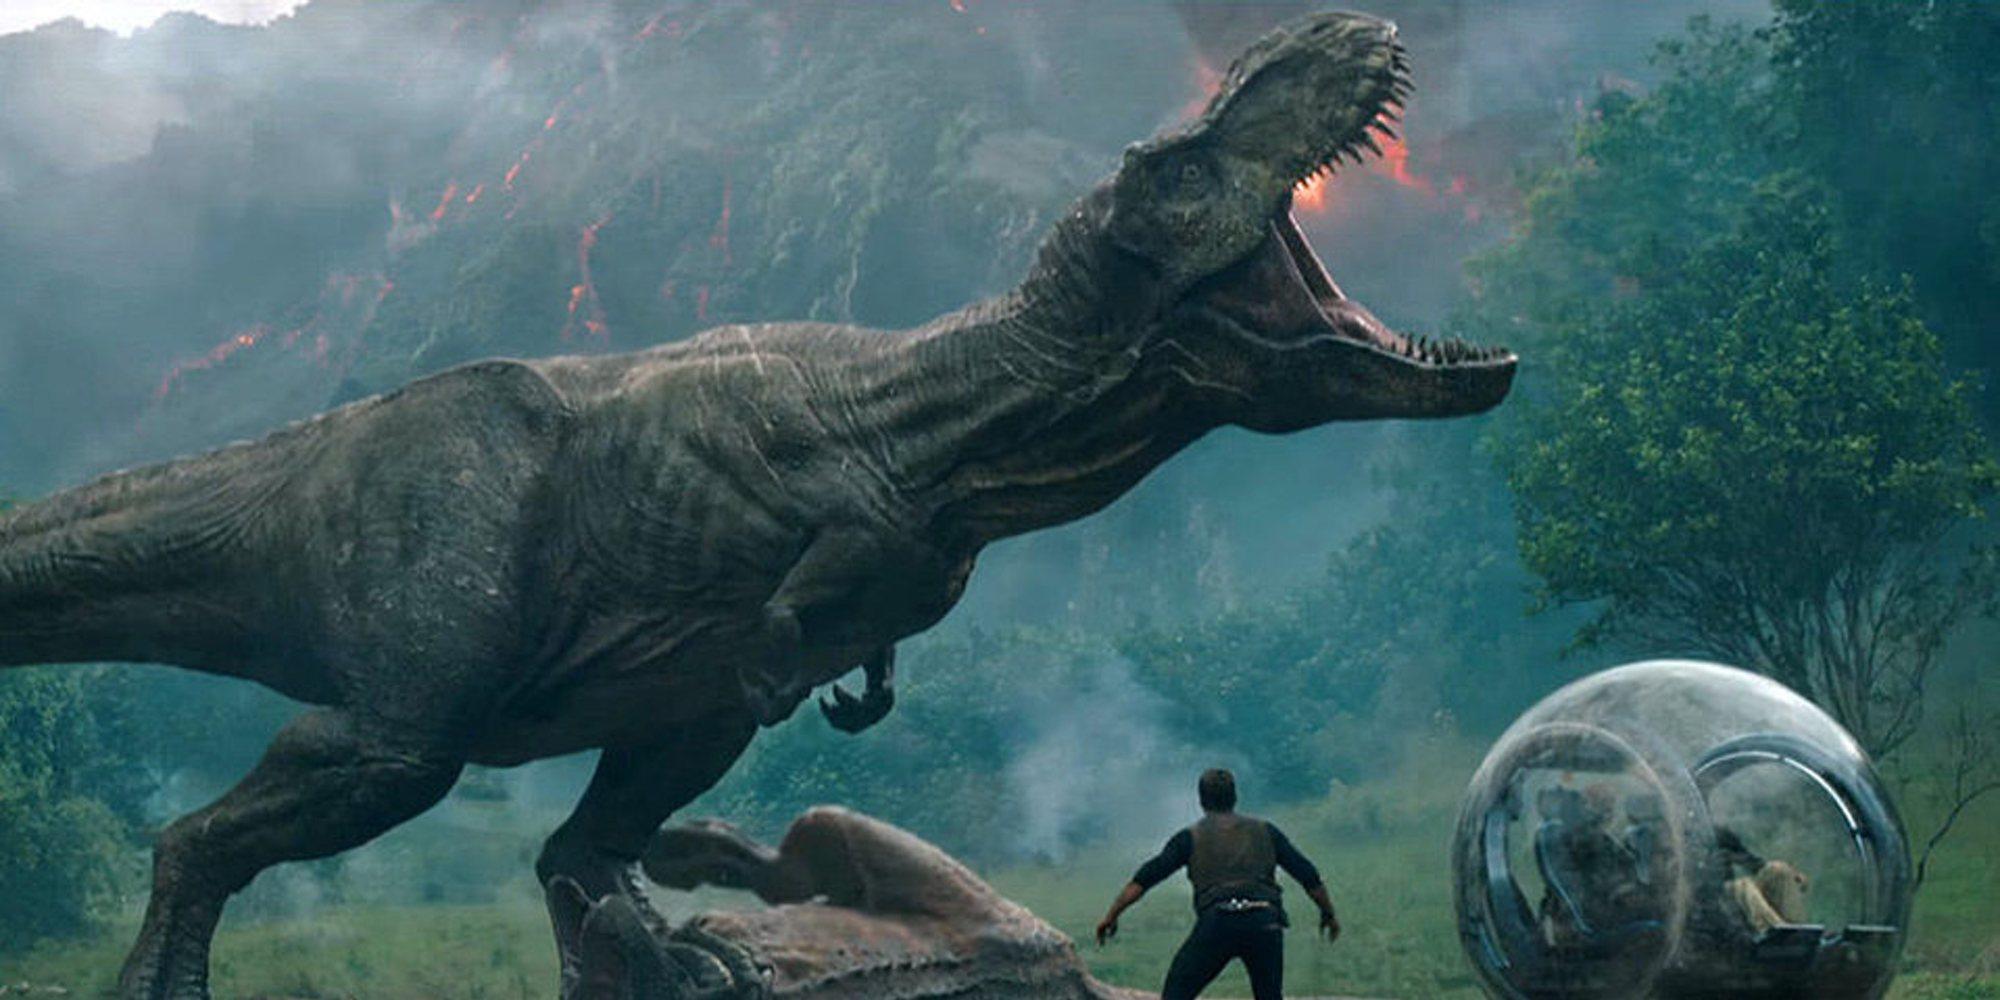 'Jurassic World: El Reino Caído', número 1 en su primer fin de semana en los cines españoles